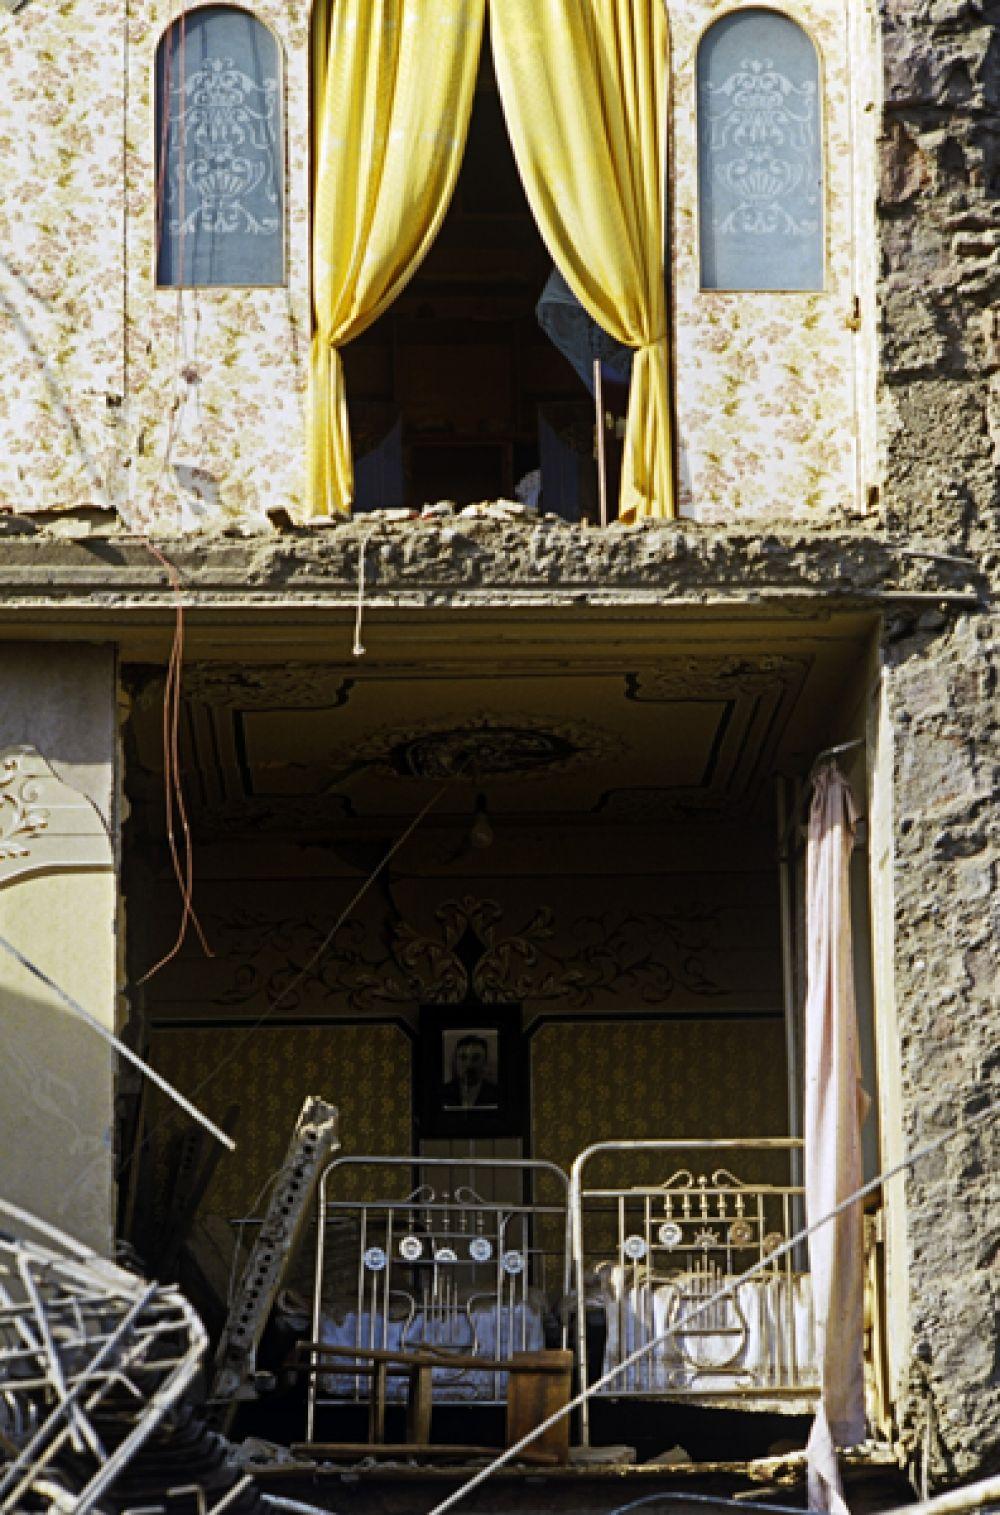 Подземные толчки ощущались в Ереване и Тбилиси. Ударная волна, вызванная землетрясением, обошла планету два раза и была зарегистрирована научными лабораториями в Европе, Азии, Америке и Австралии.